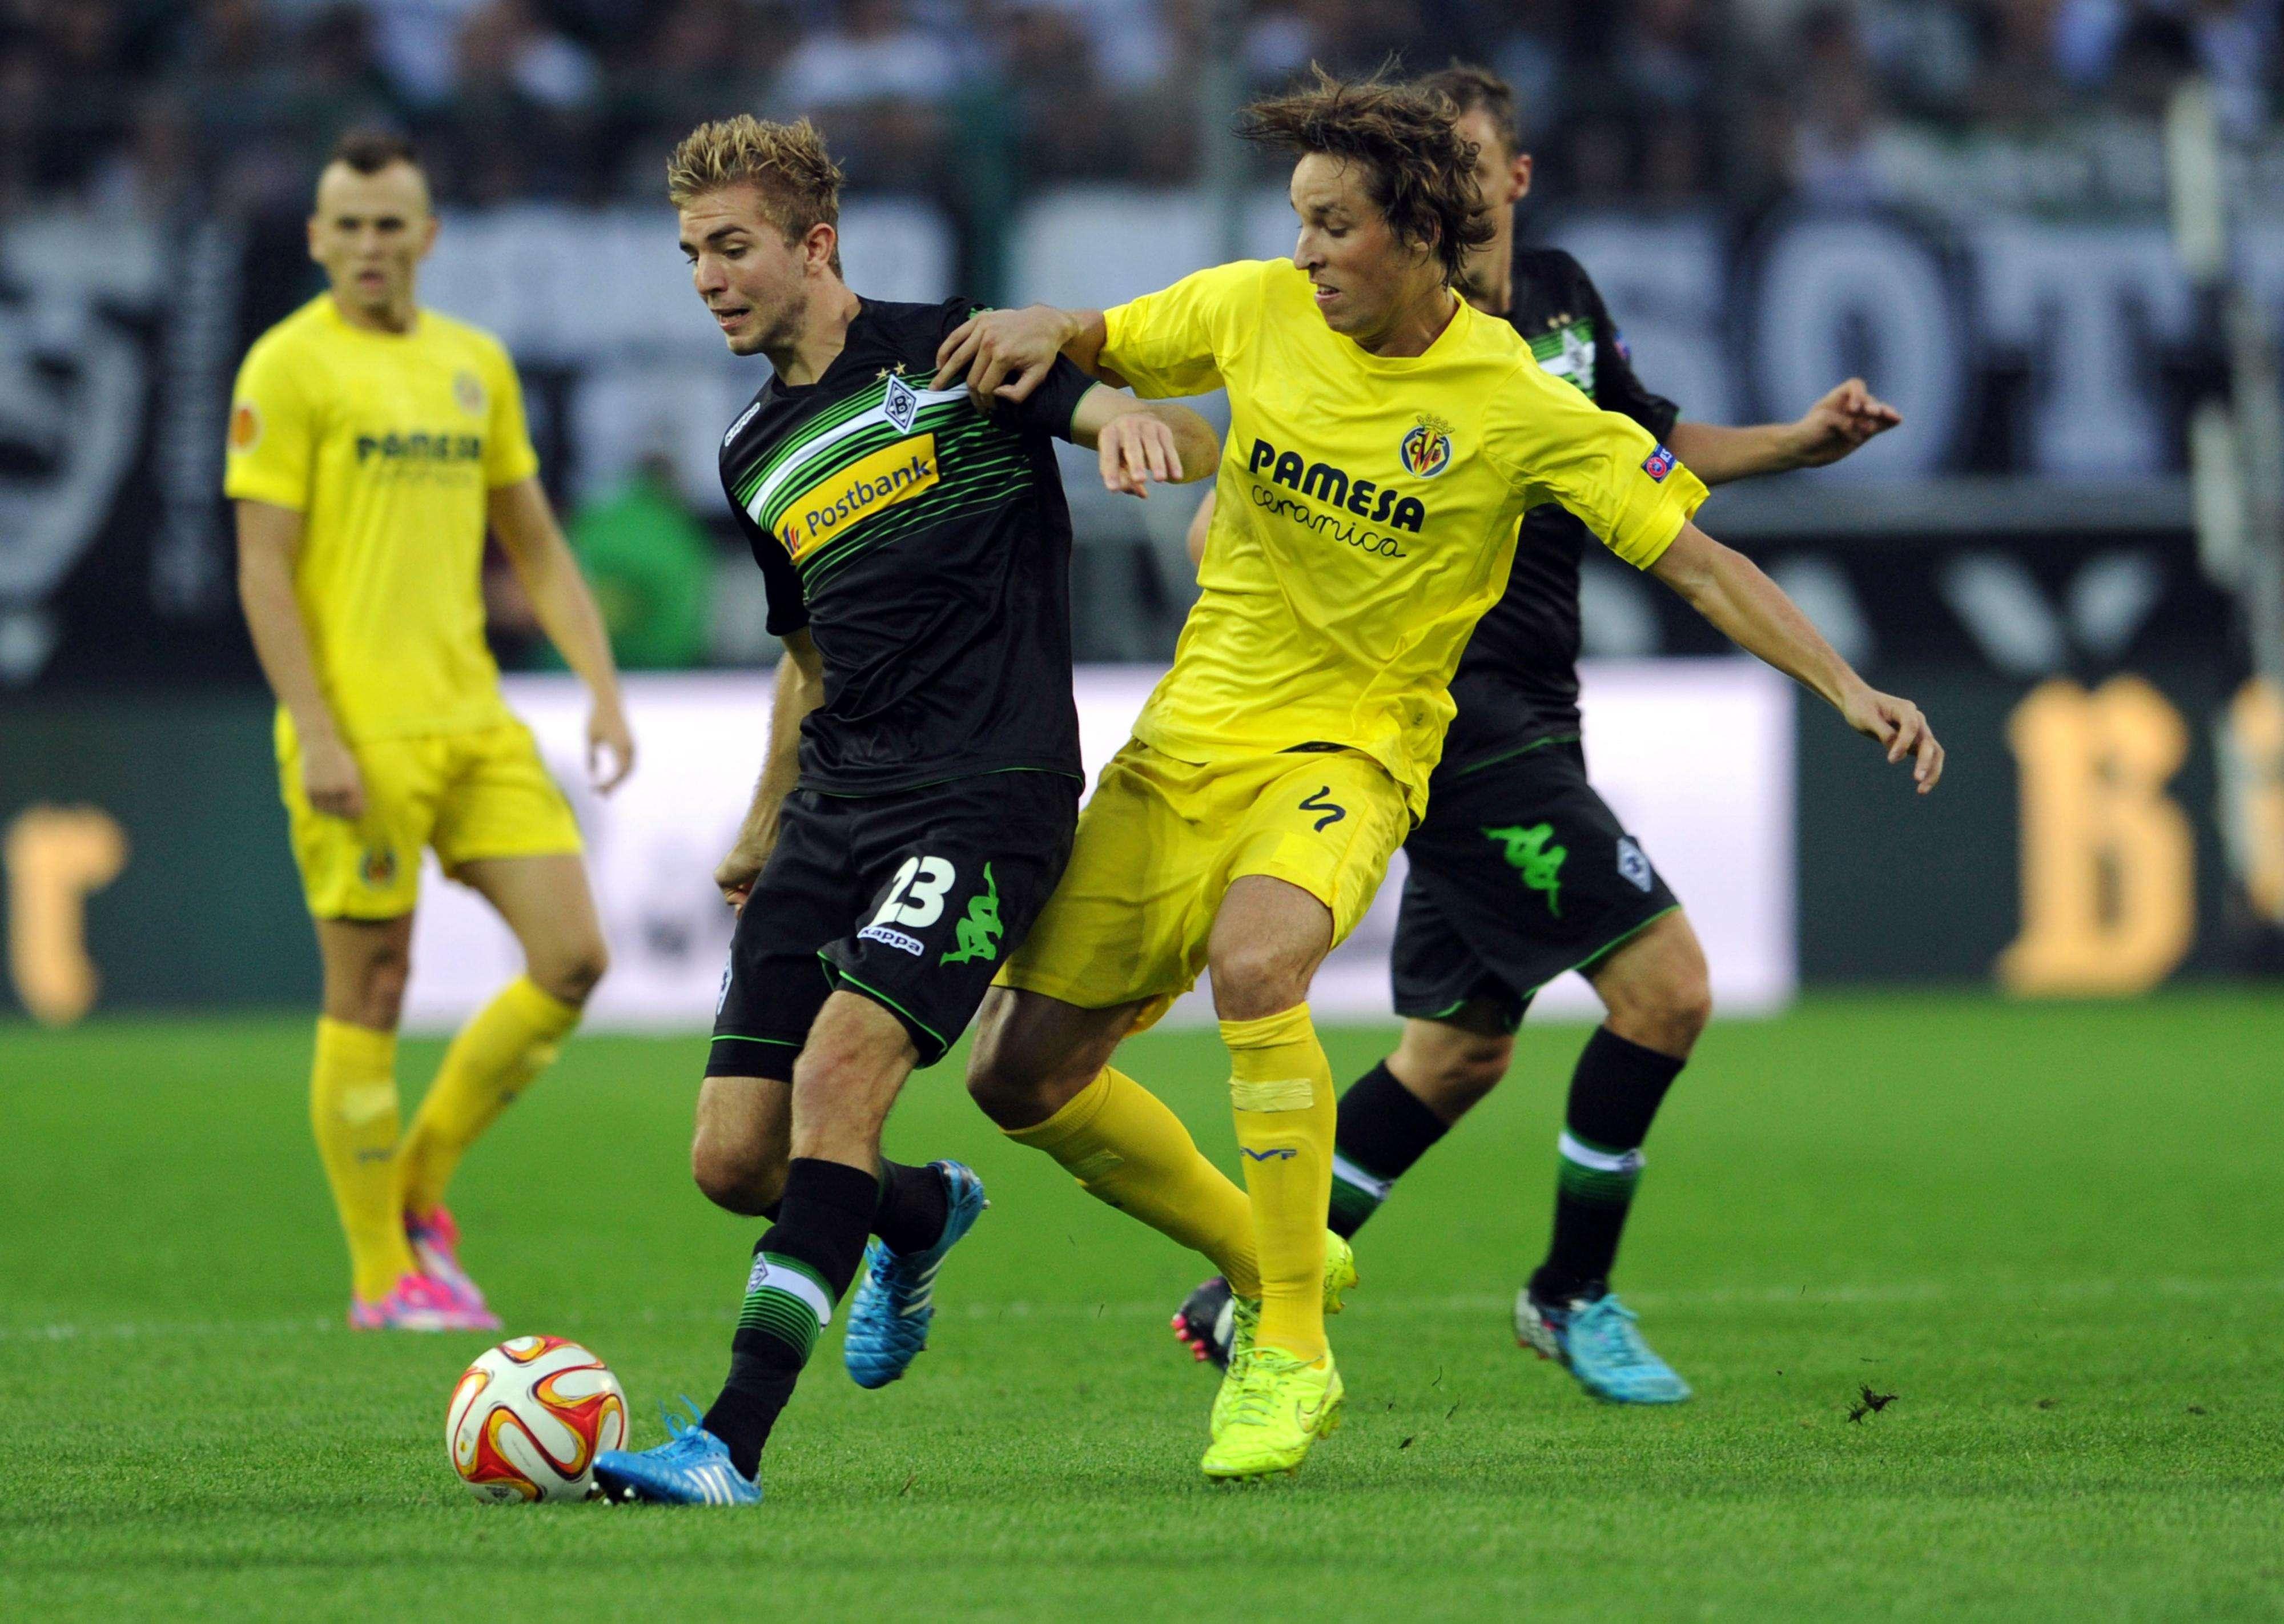 Villarreal e Borussia empataram por 1 a 1 Foto: Caroline Seidel/AFP